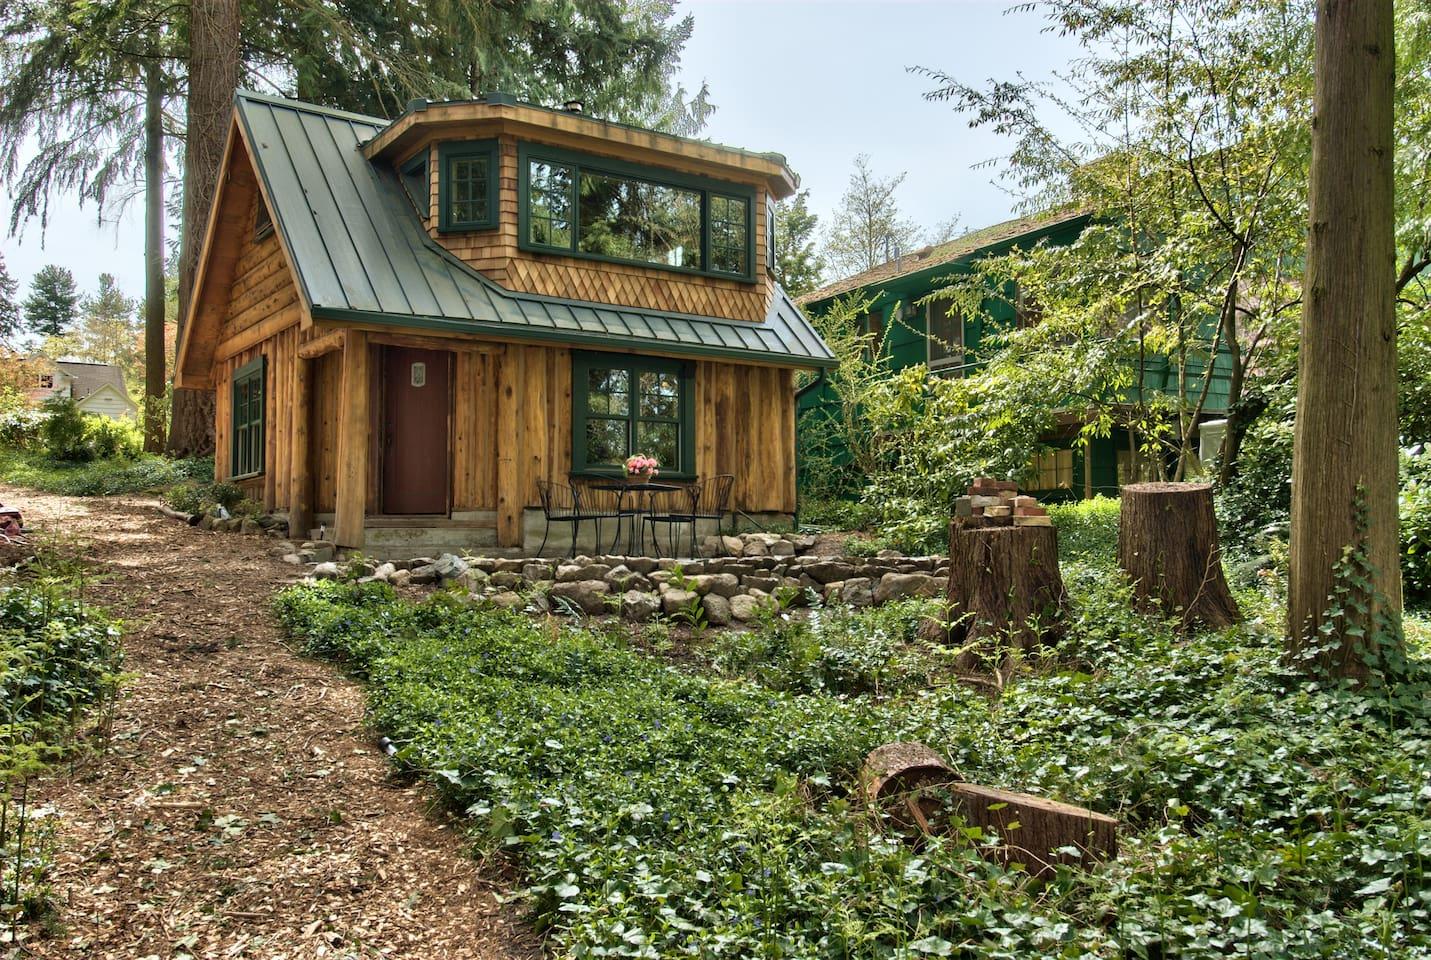 Haller Lake Restored Log Cabin